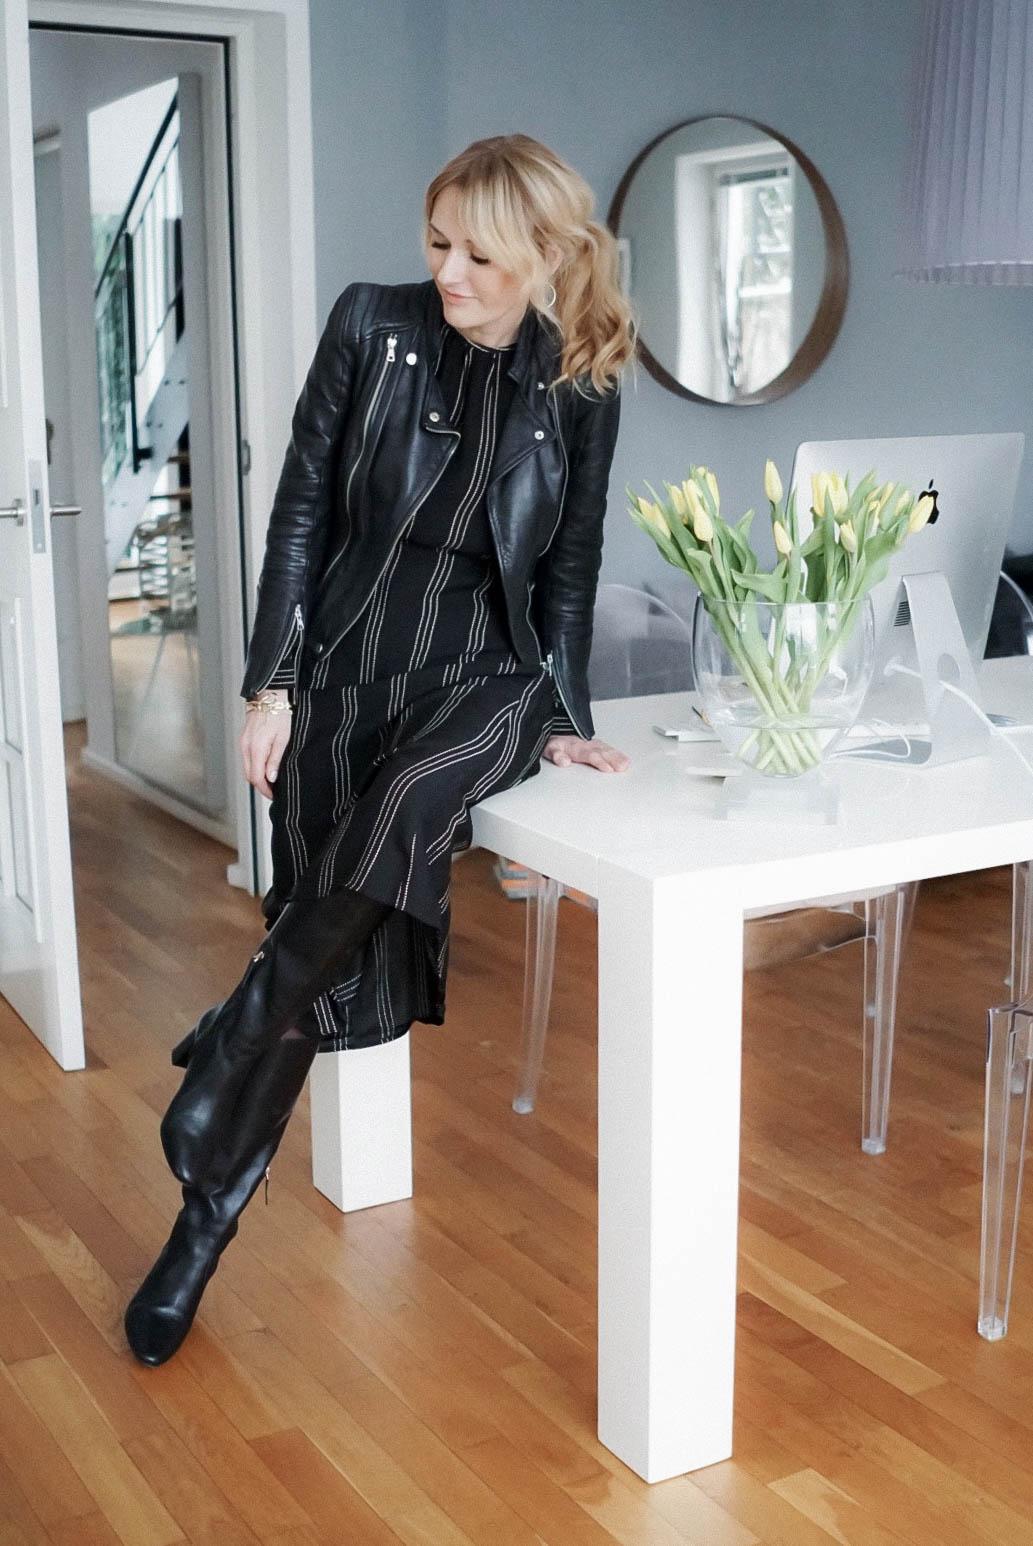 Midikleid im Winter zu Stiefeln und Lederjacke-Kleid von H&M-Nowshine Fashion über 40